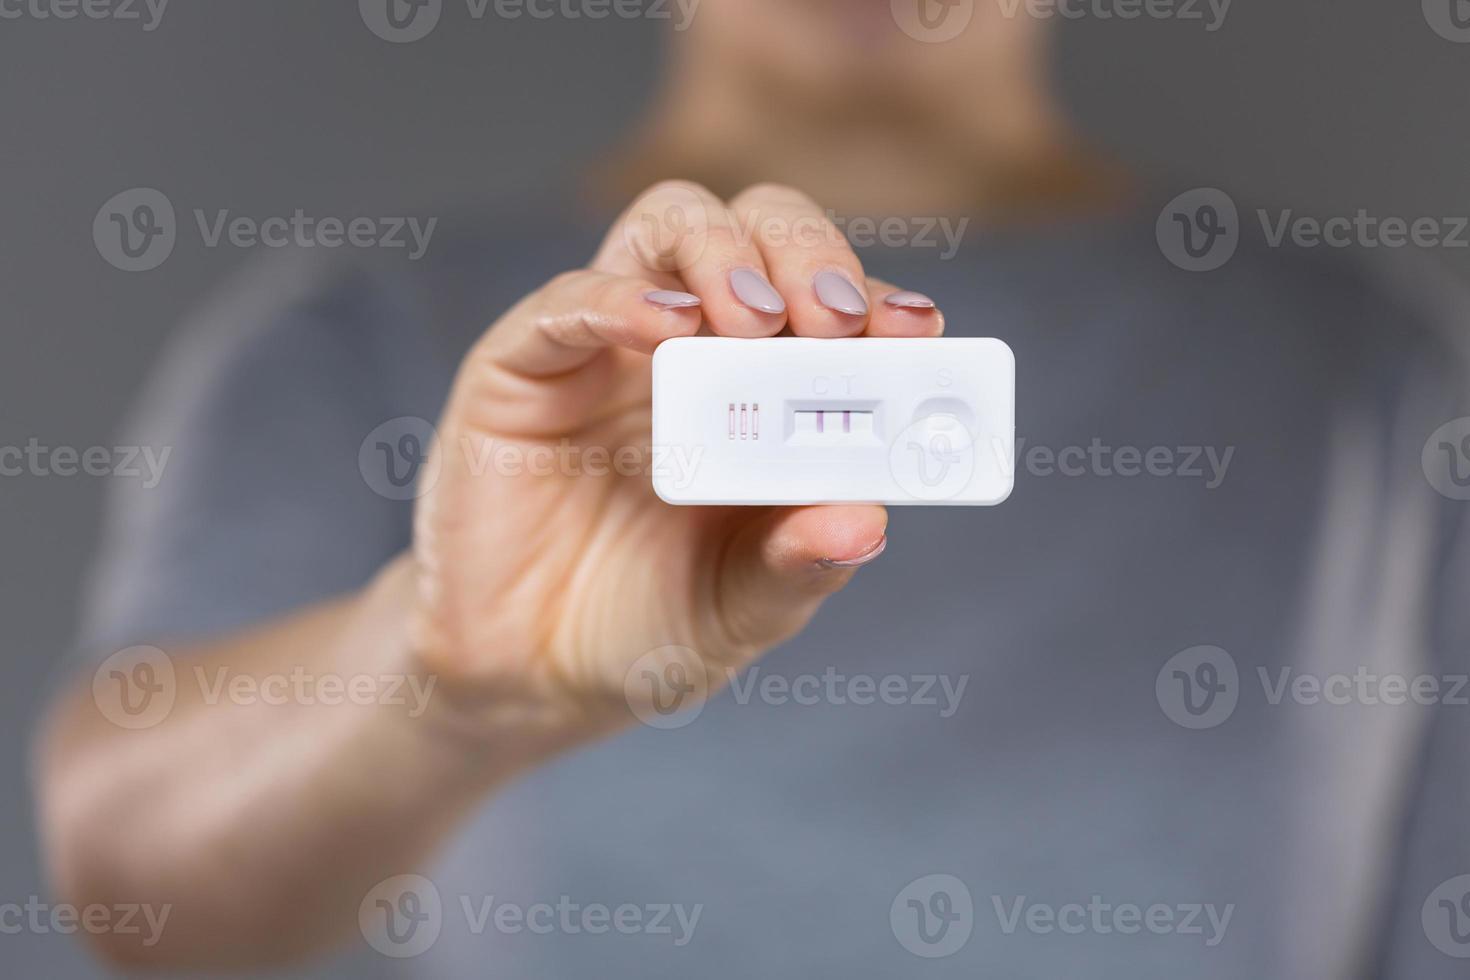 prueba de embarazo en manos de mujer foto